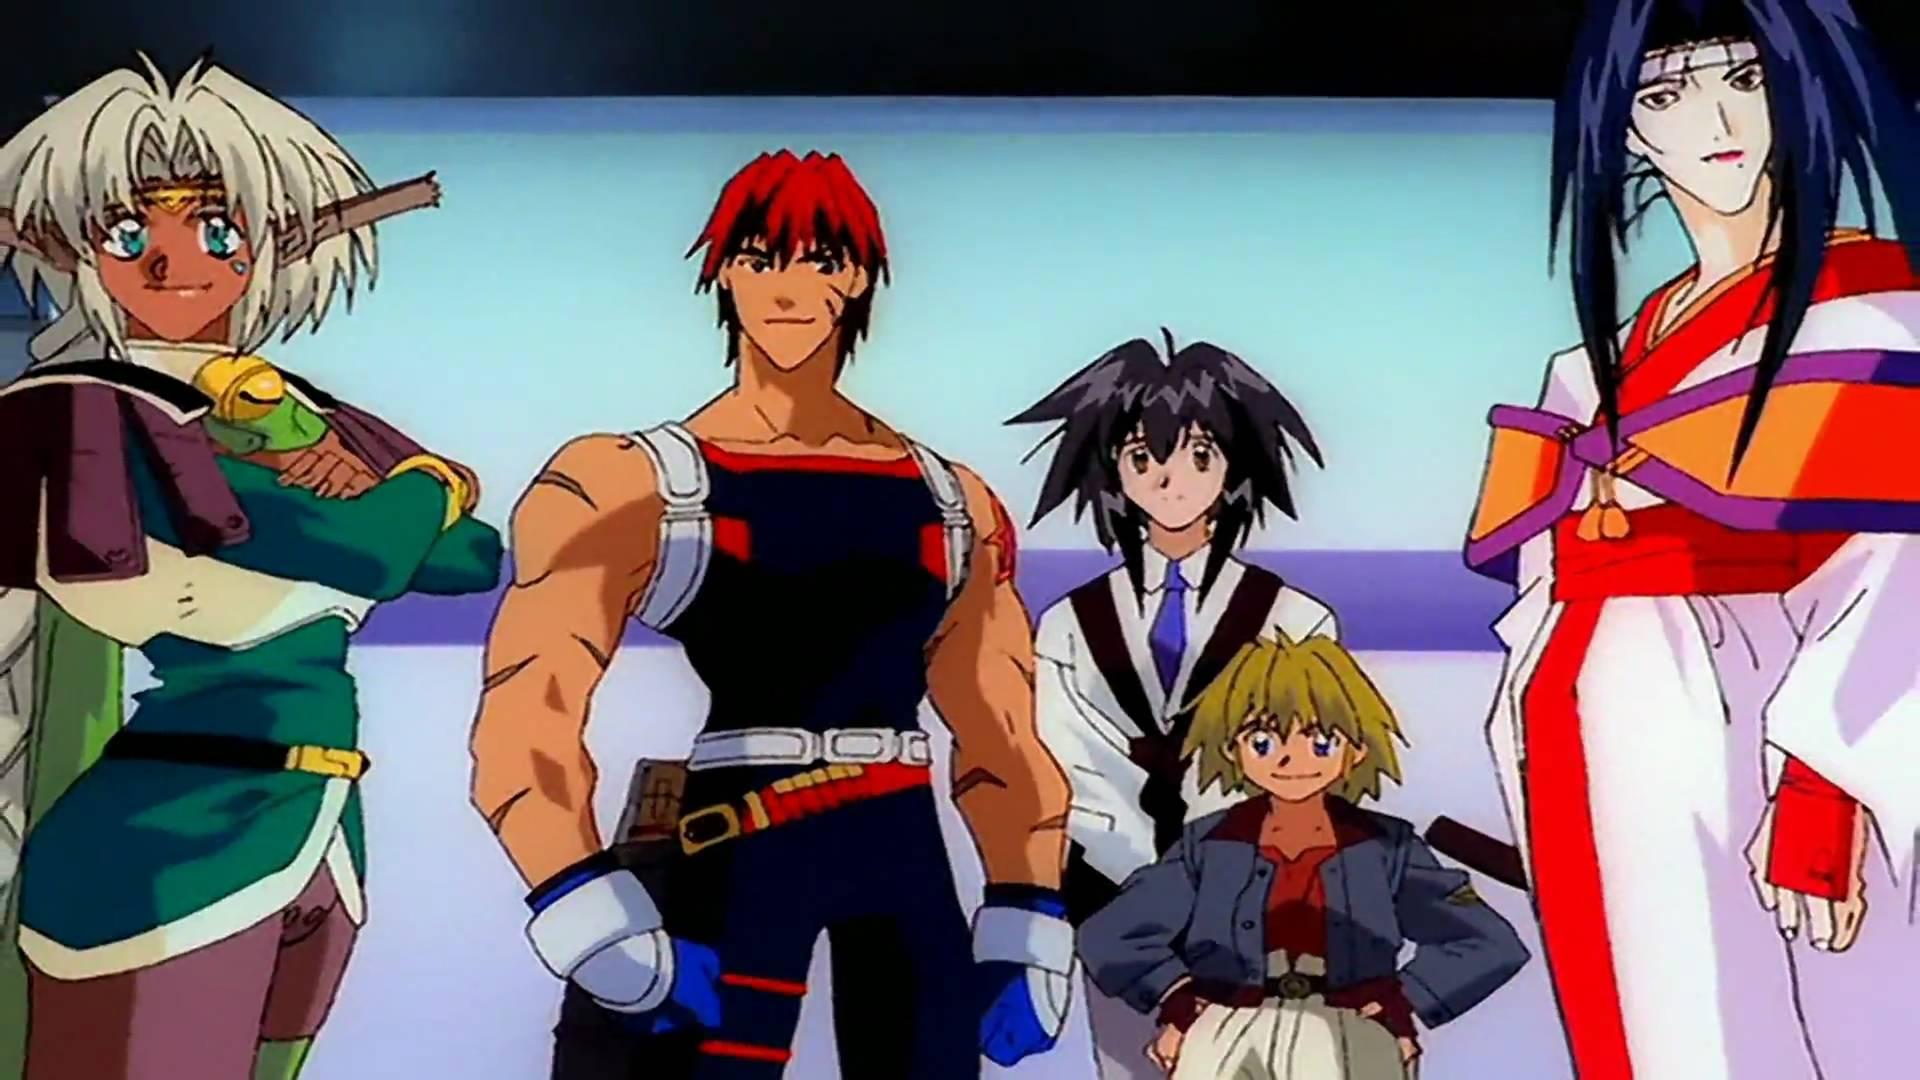 90s anime, Outlaw Star